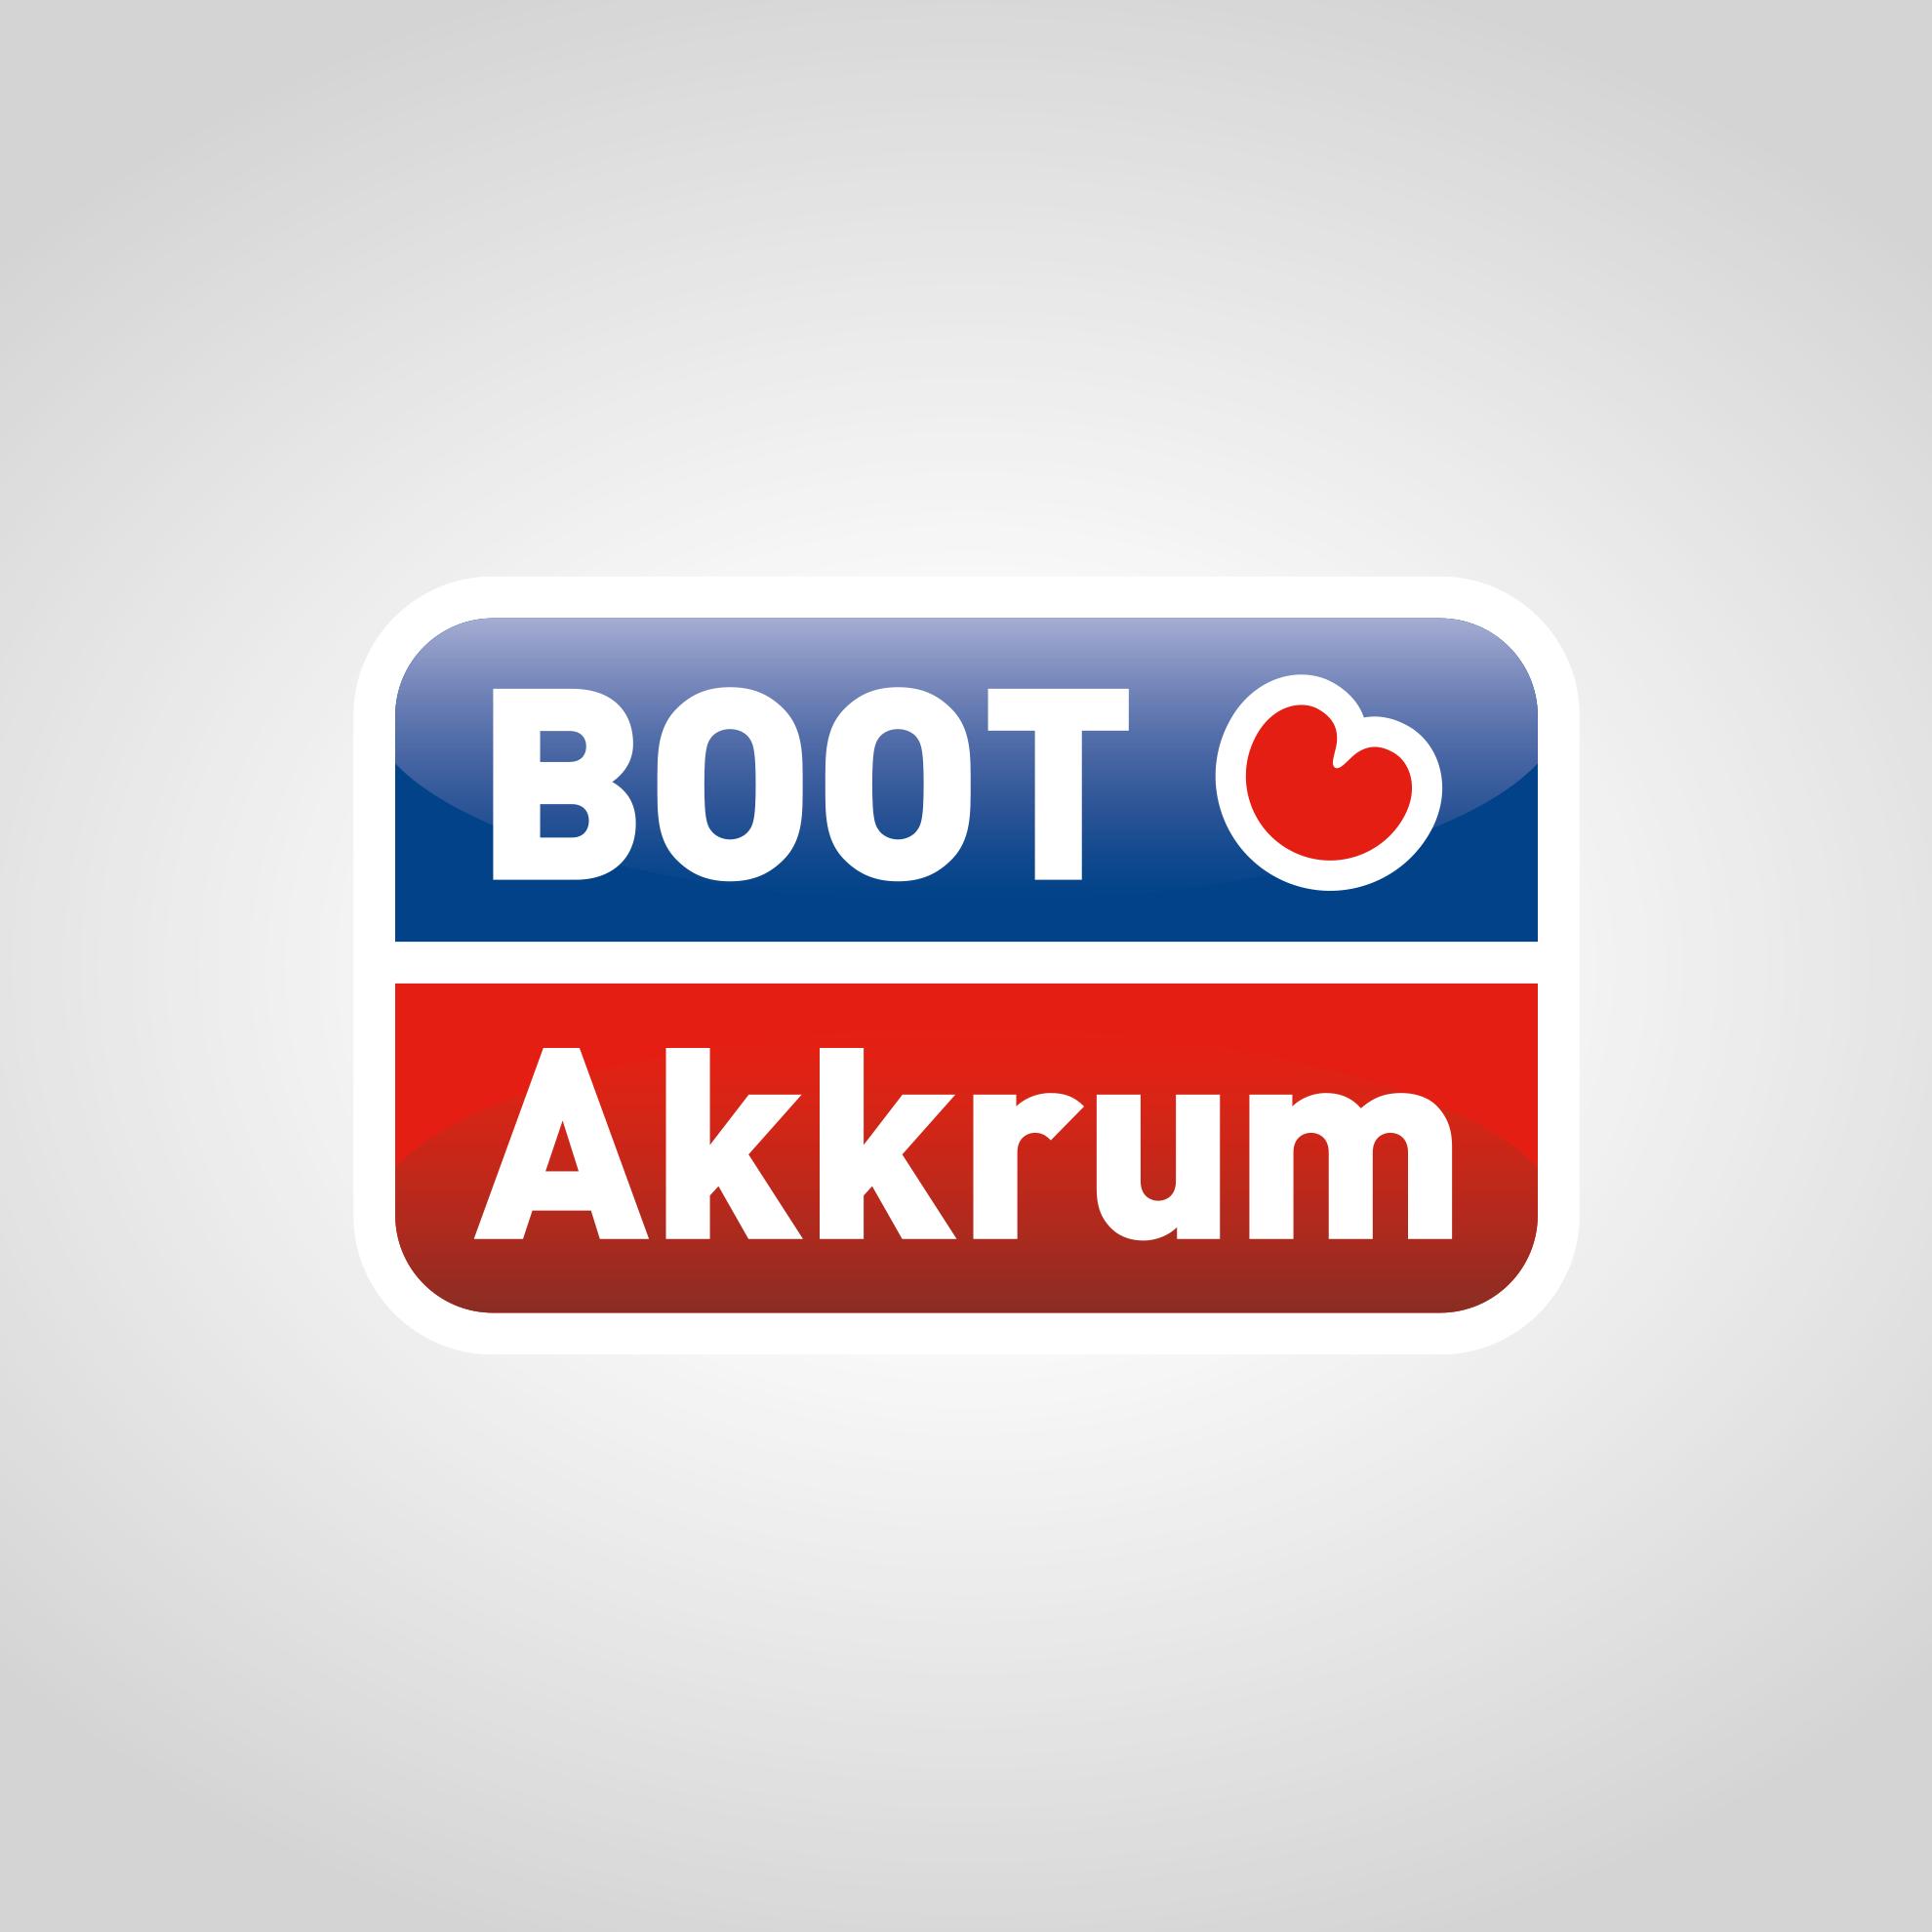 boot akkrum | Boot Akkrum logo